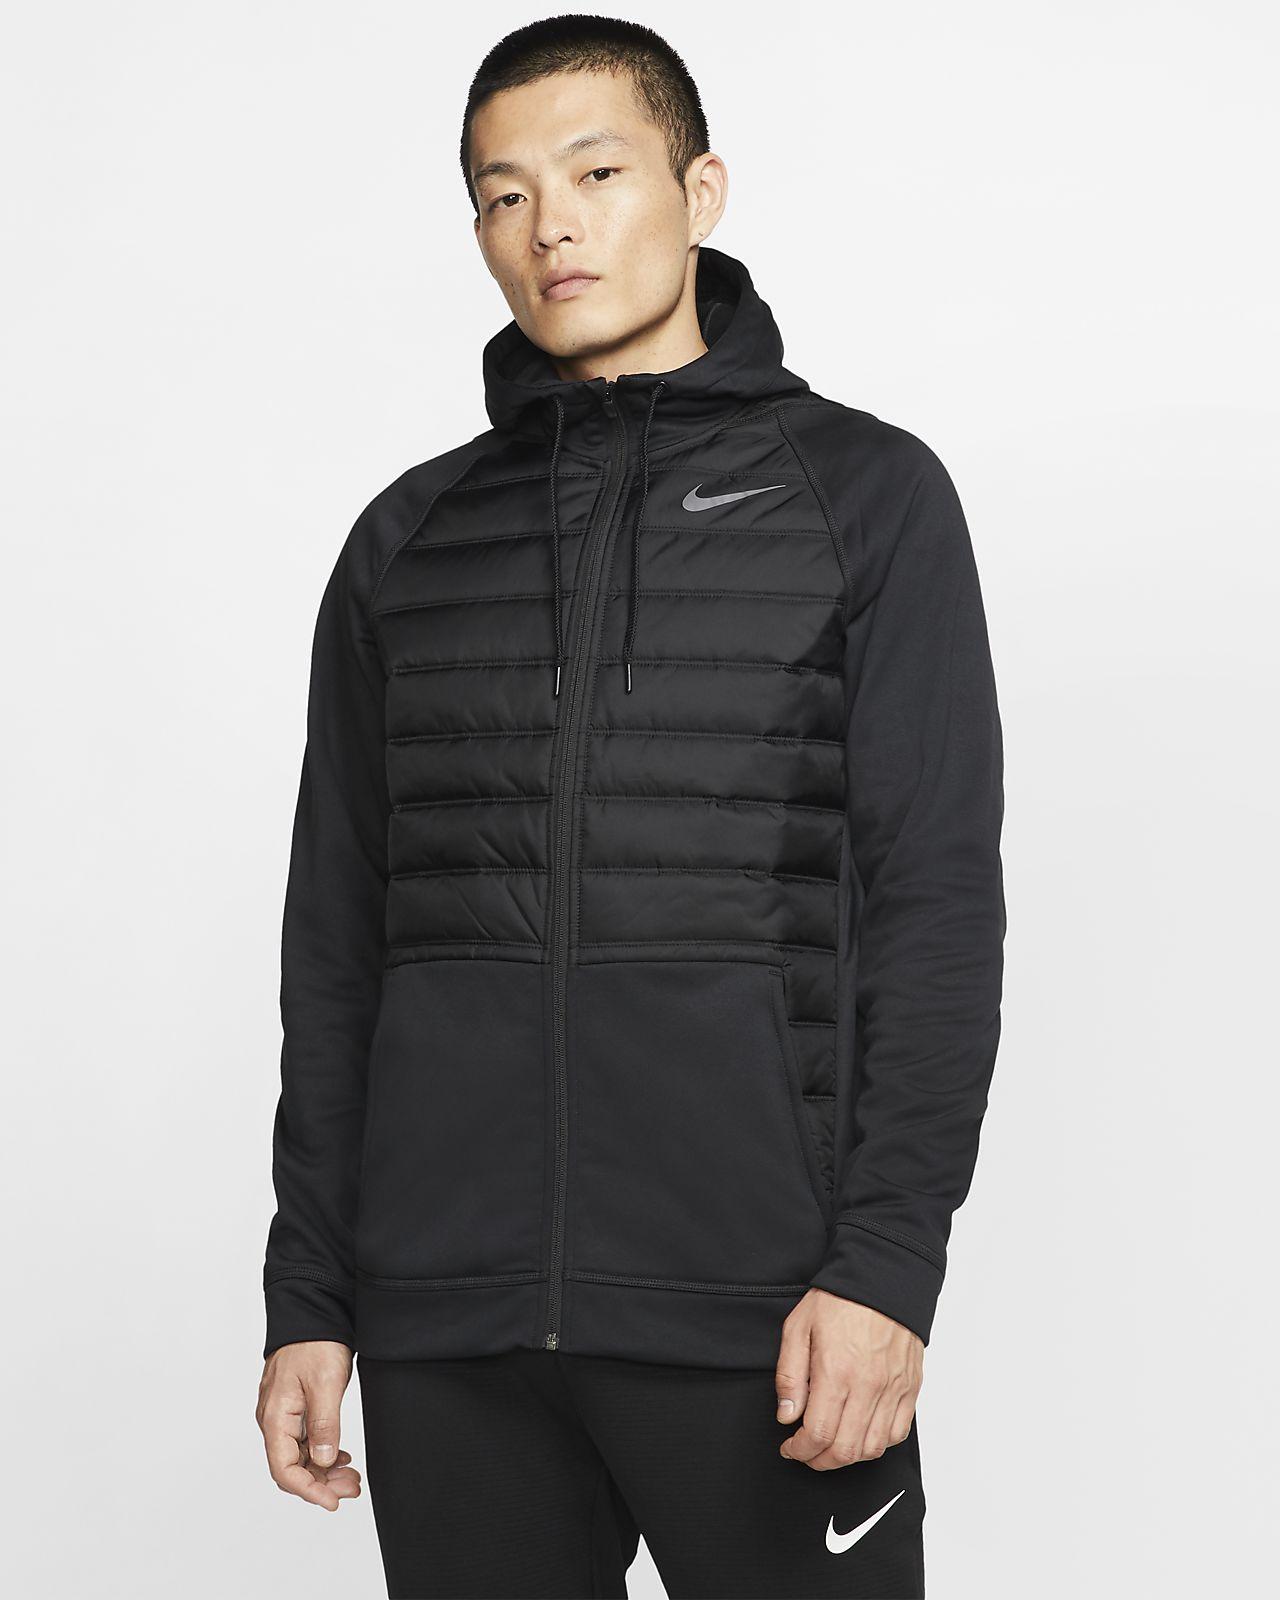 Felpa con cappuccio da training per l'inverno con zip a tutta lunghezza Nike Therma - Uomo